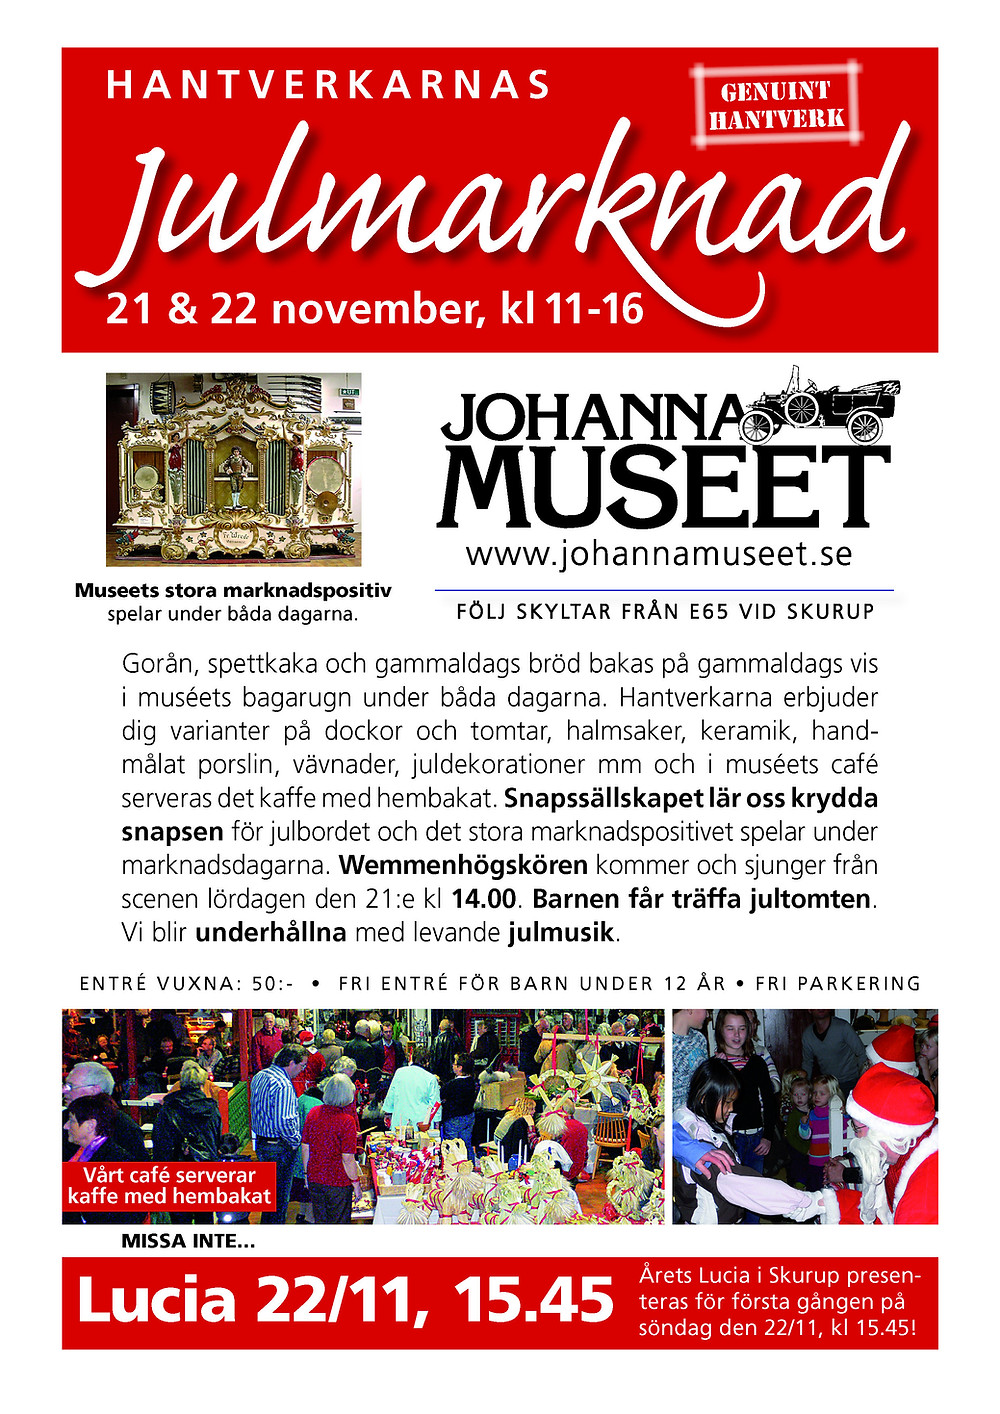 Sydkusten, Skåne, Skurup, julmarknad, Johannamuseet